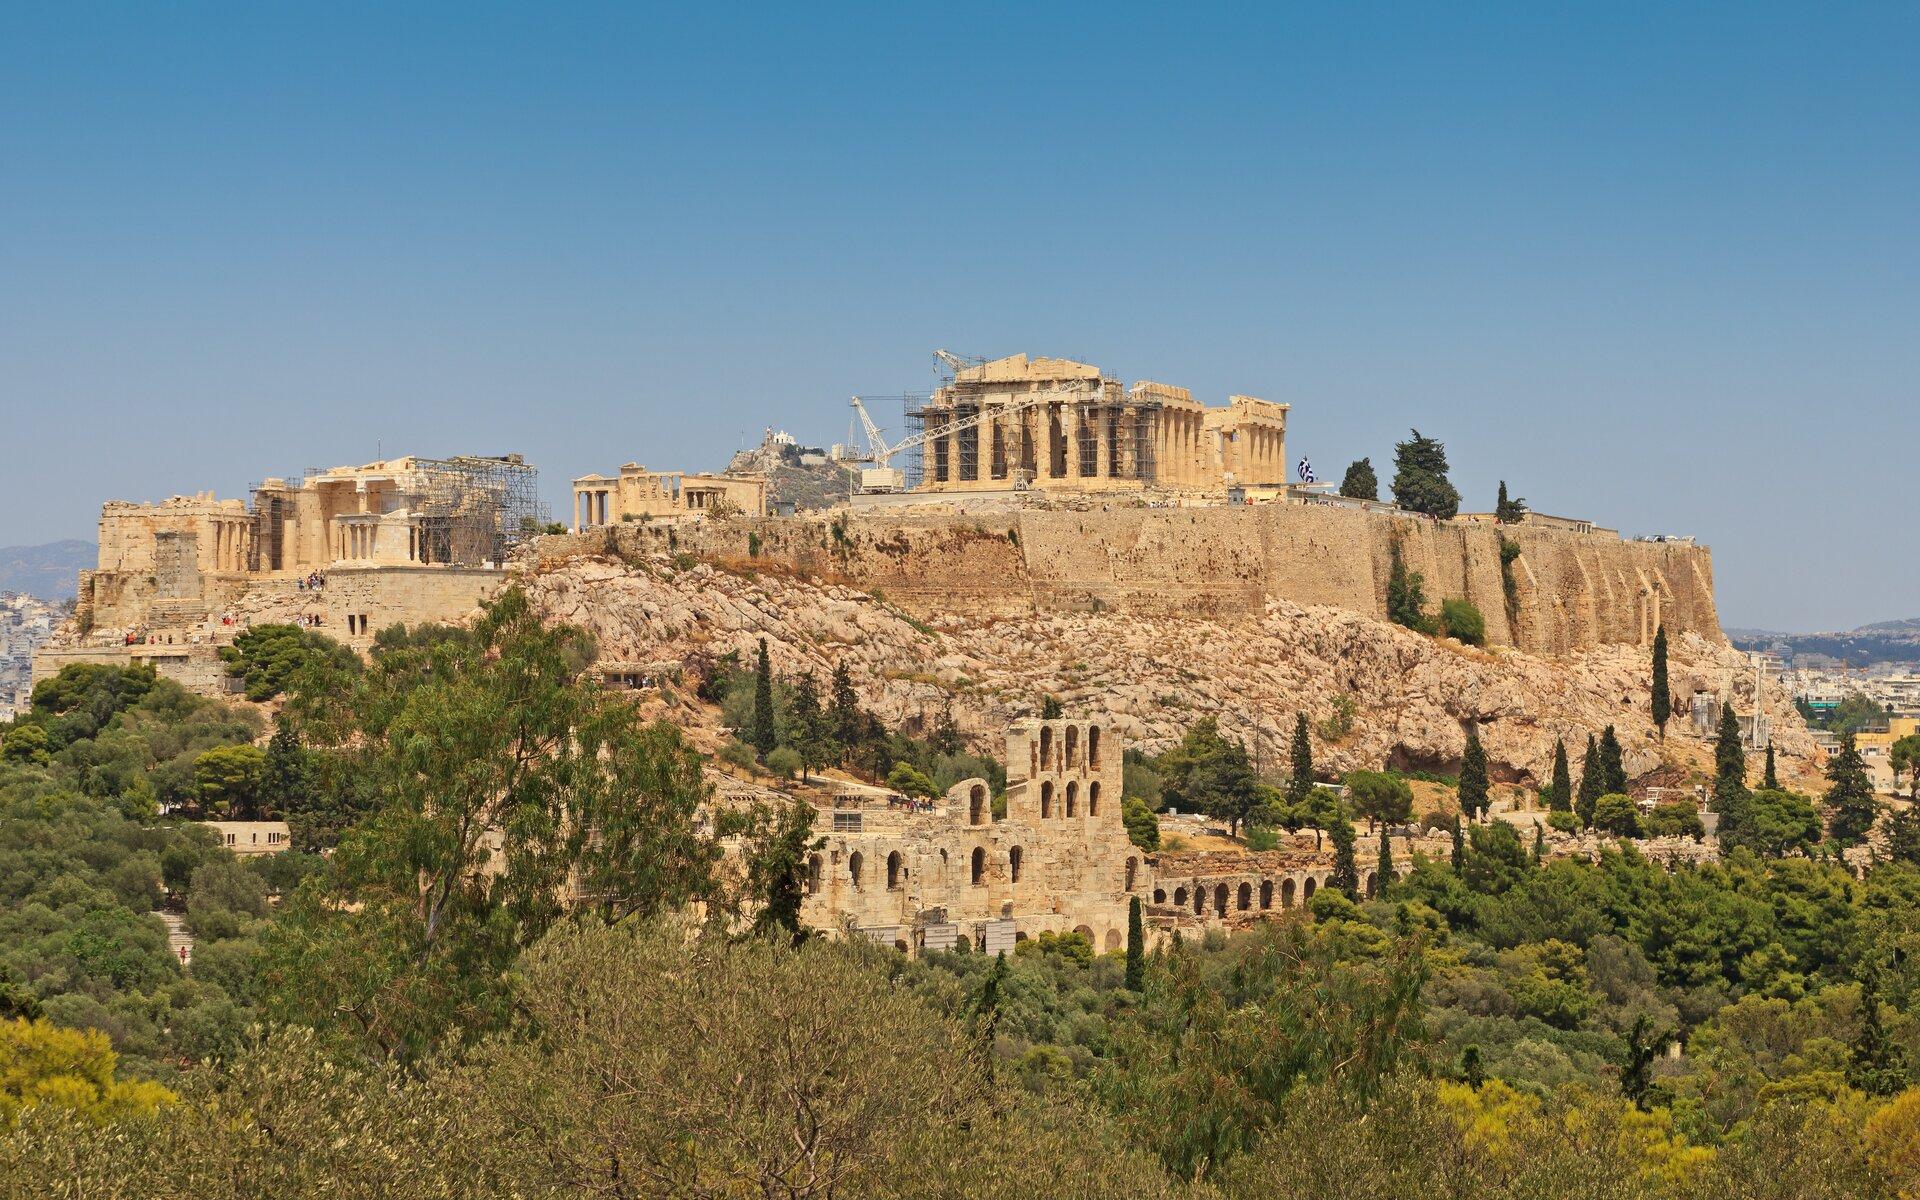 Na zdjęciu starożytna budowla na szczycie wzgórza.